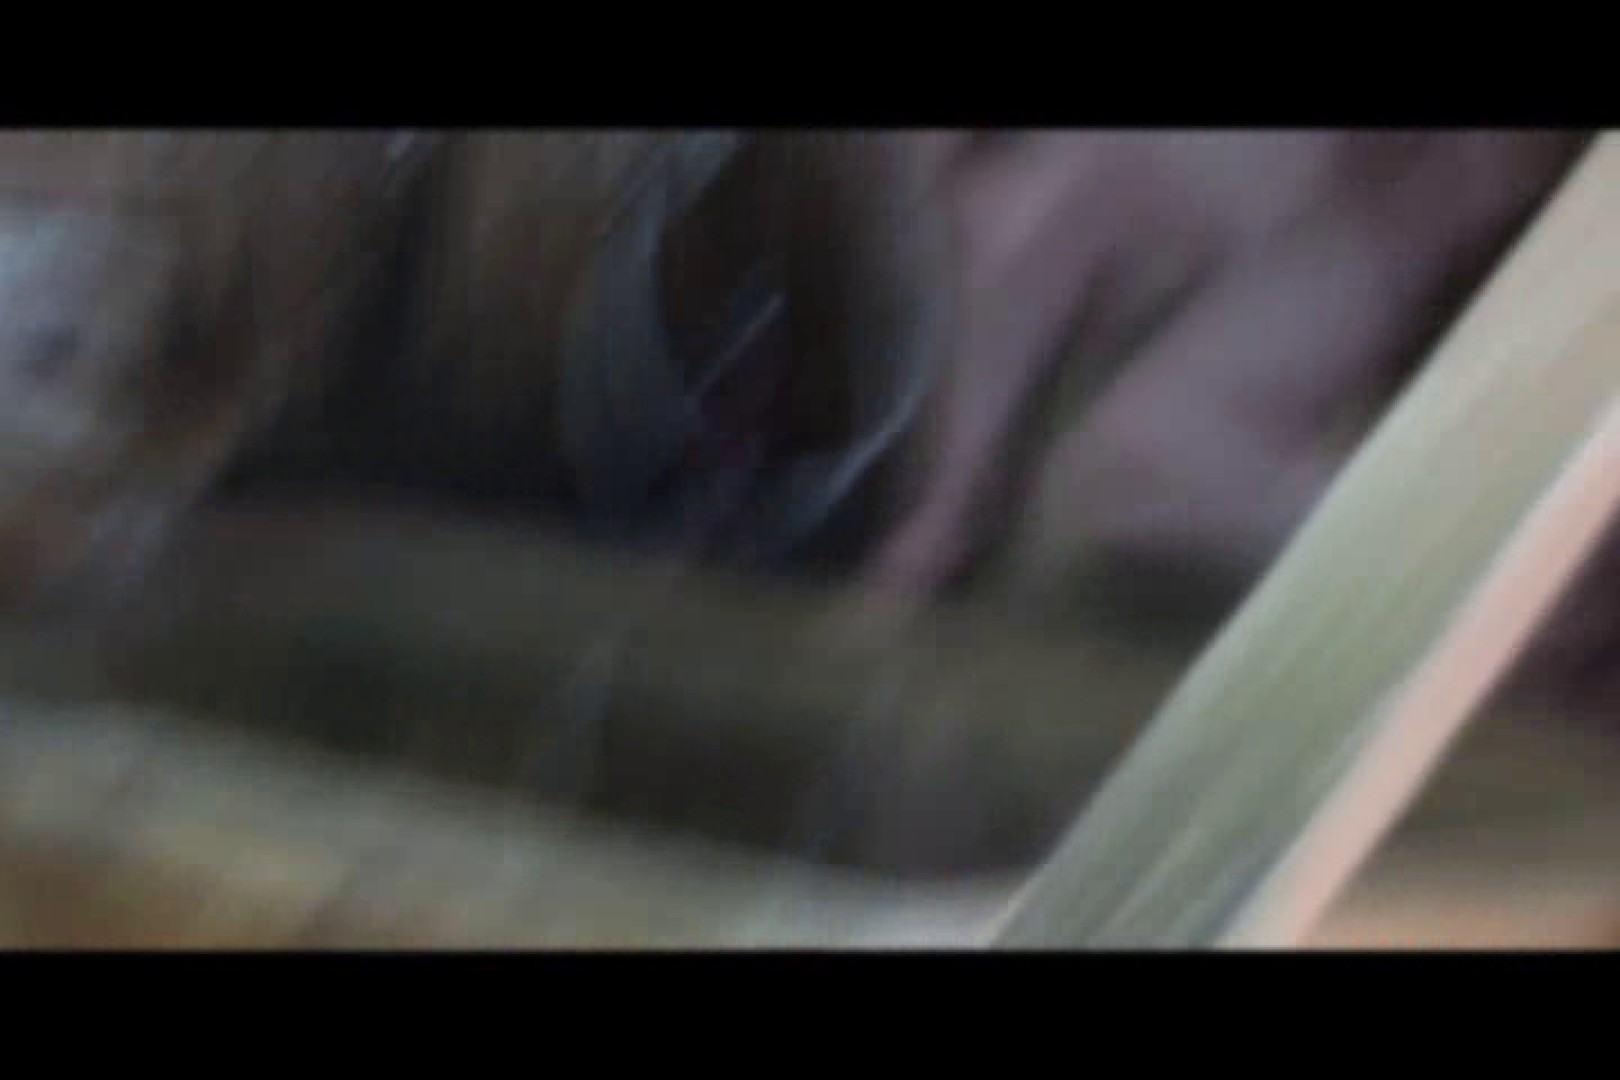 貸切露天 発情カップル! vol.03 カップルのセックス | 露天風呂の女達  24連発 13